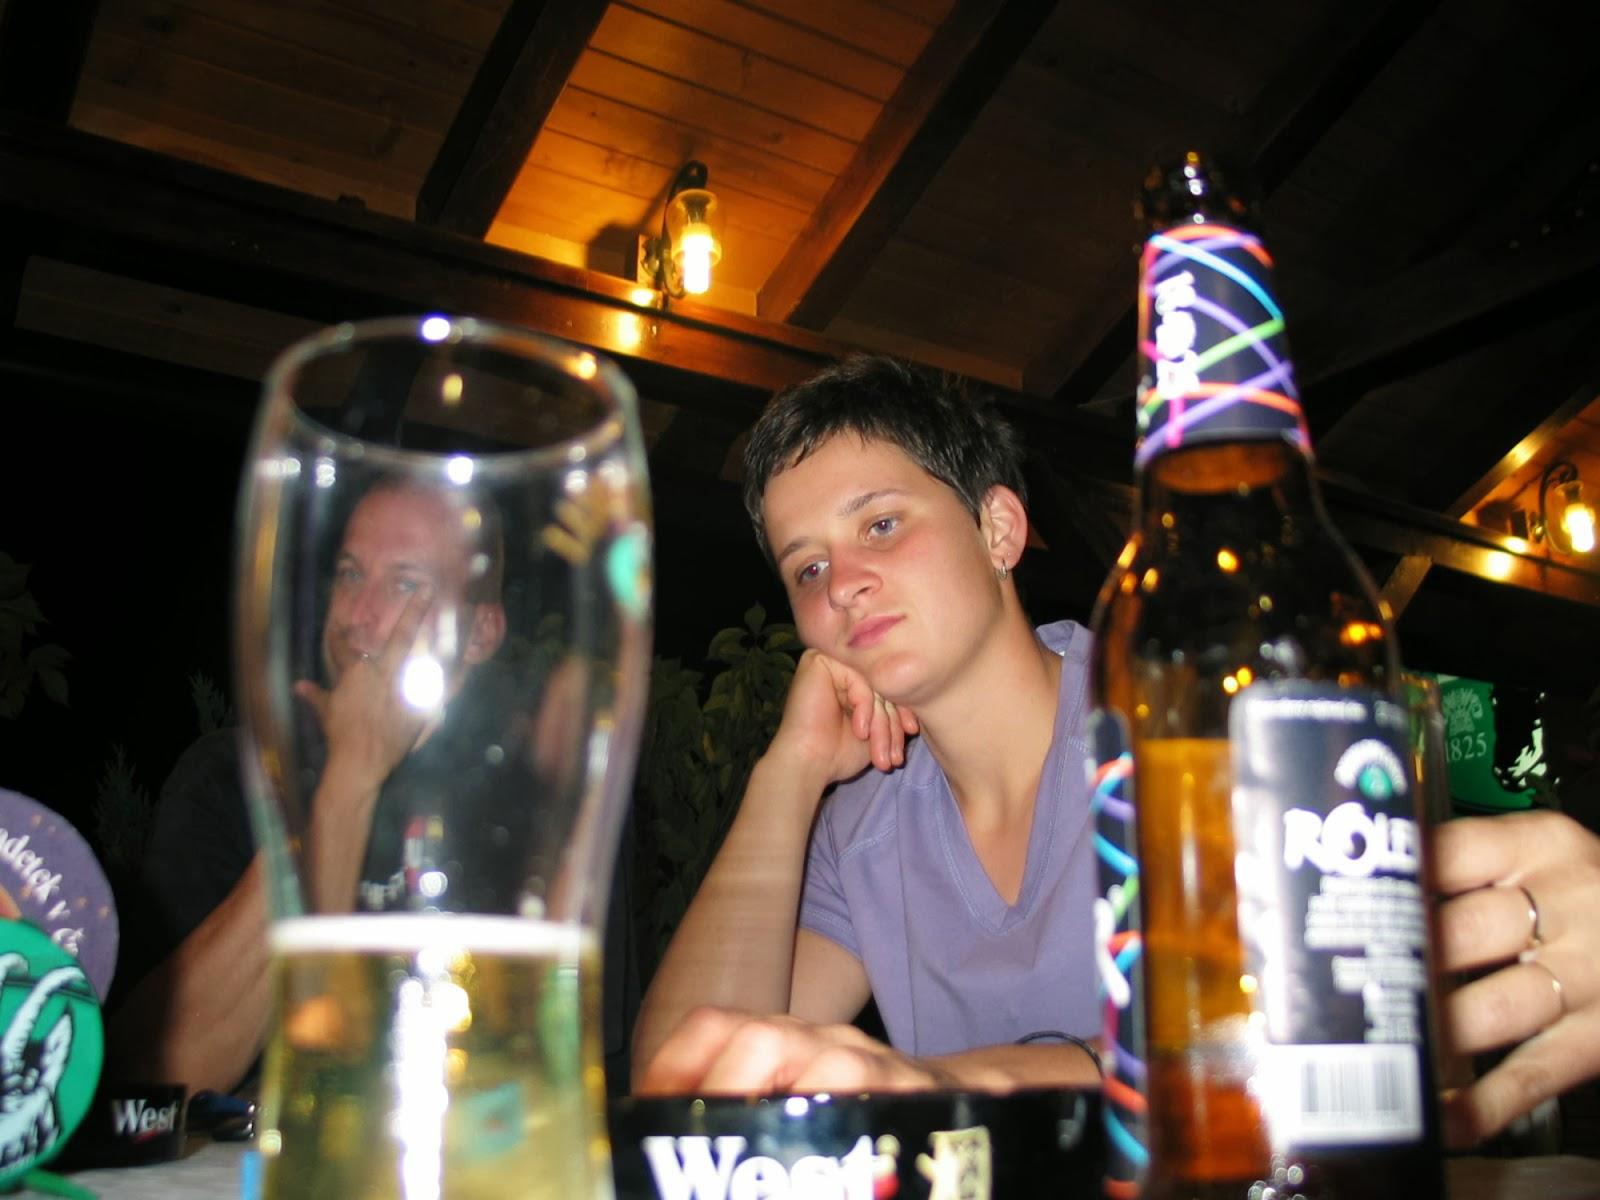 Pow-wow, Ilirska Bistrica 2004 - Zlet%2B2004%2B001.jpg